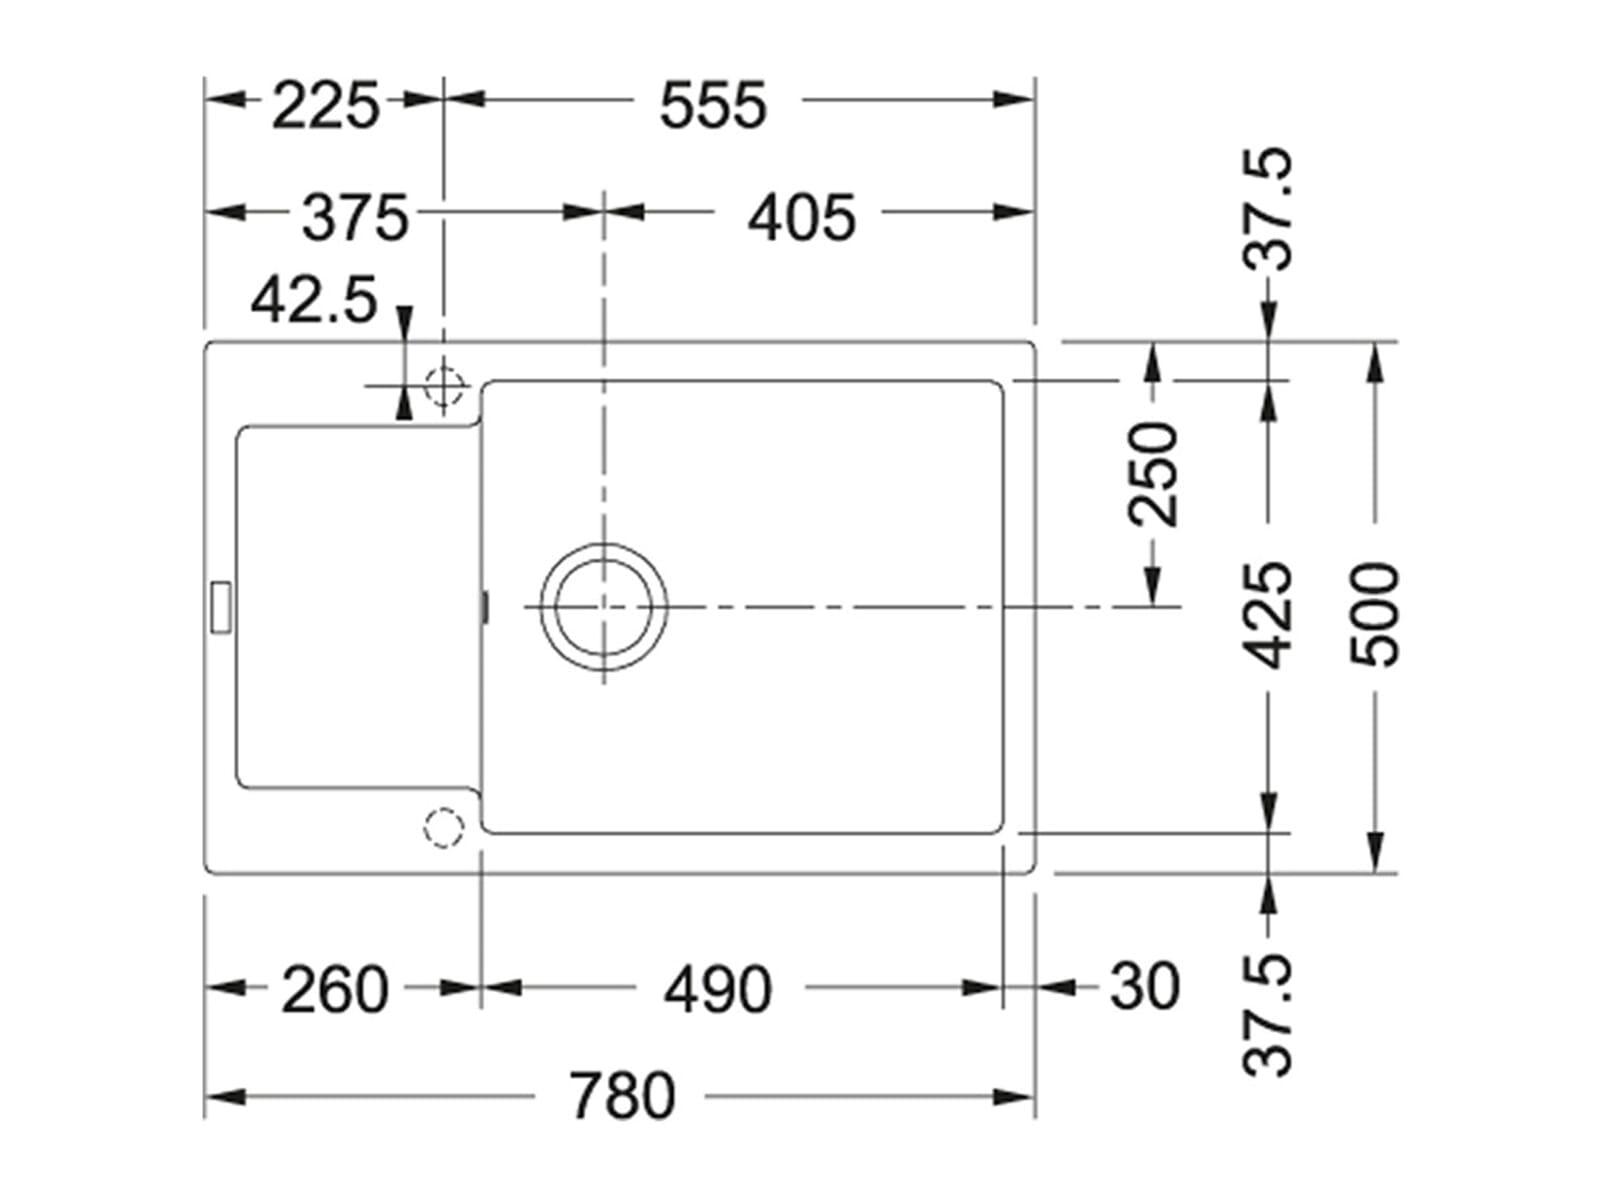 Franke Maris MRG 611-78 XL Graphit - 114.0476.148 Granitspüle Exzenterbetätigung